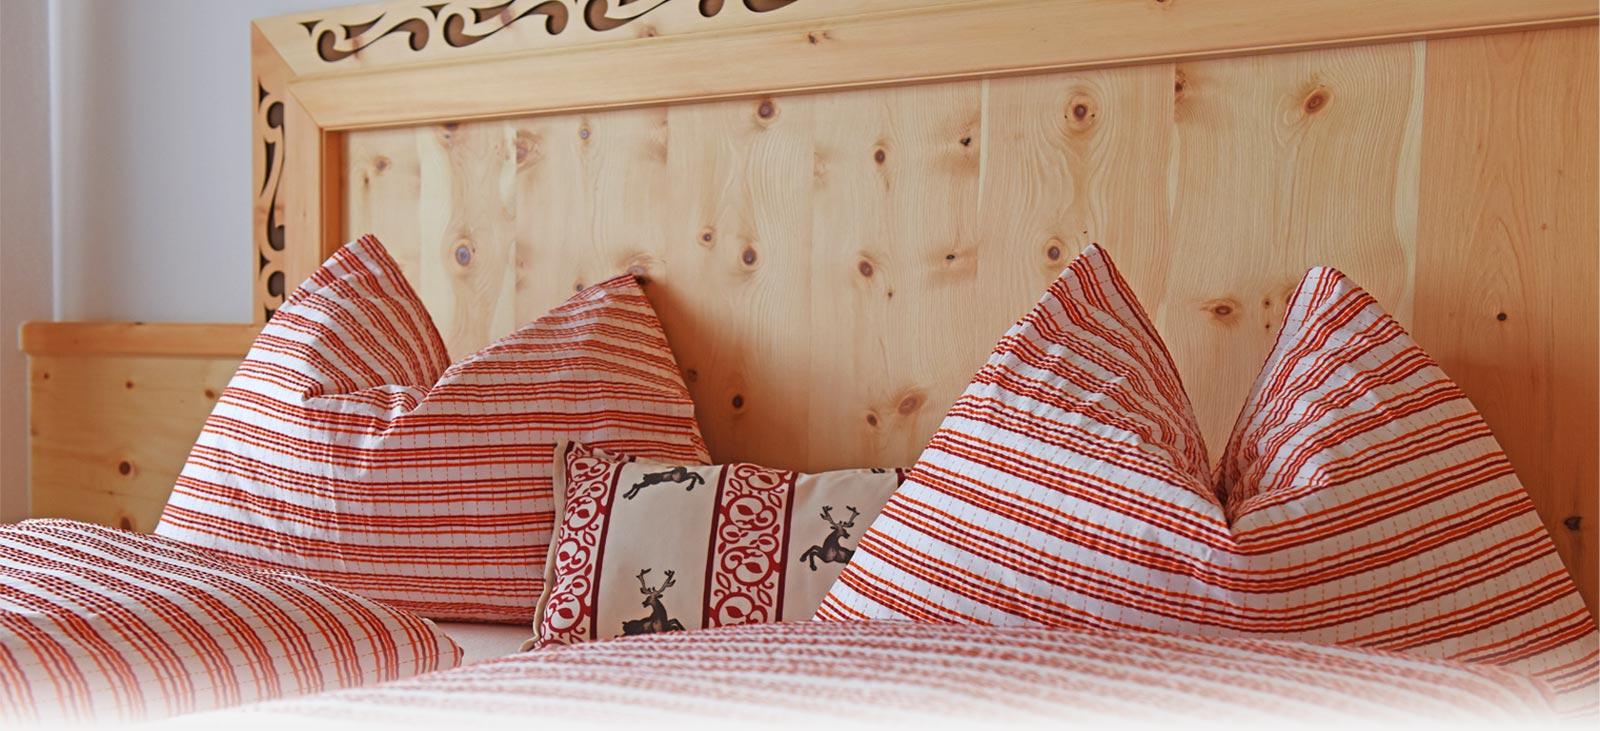 Krimmler Tauernhaus | Komfortzimmer, Standardzimmer und Lager